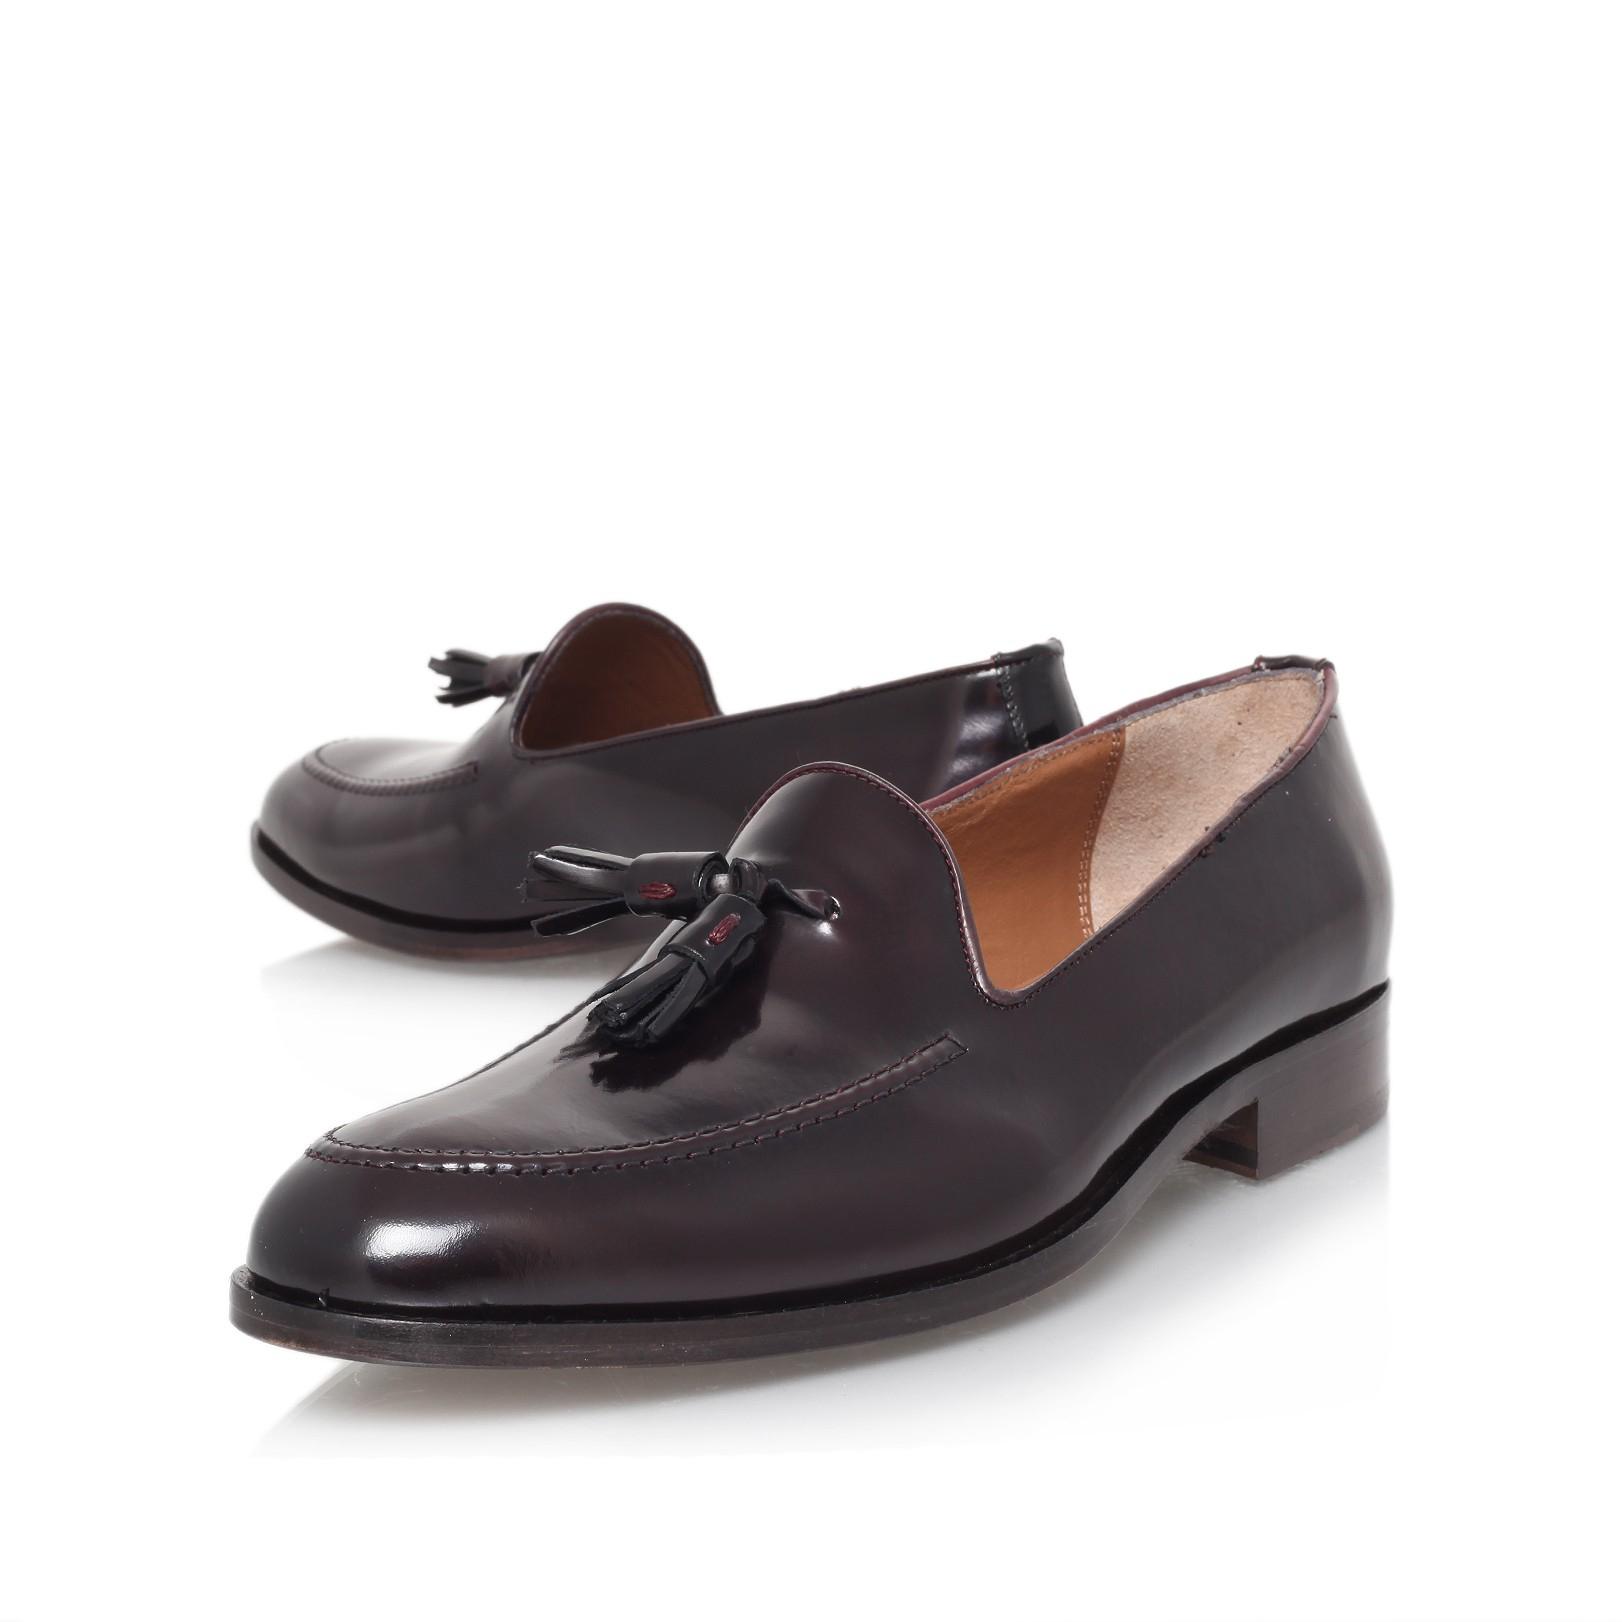 Cheap Kurt Geiger Shoes